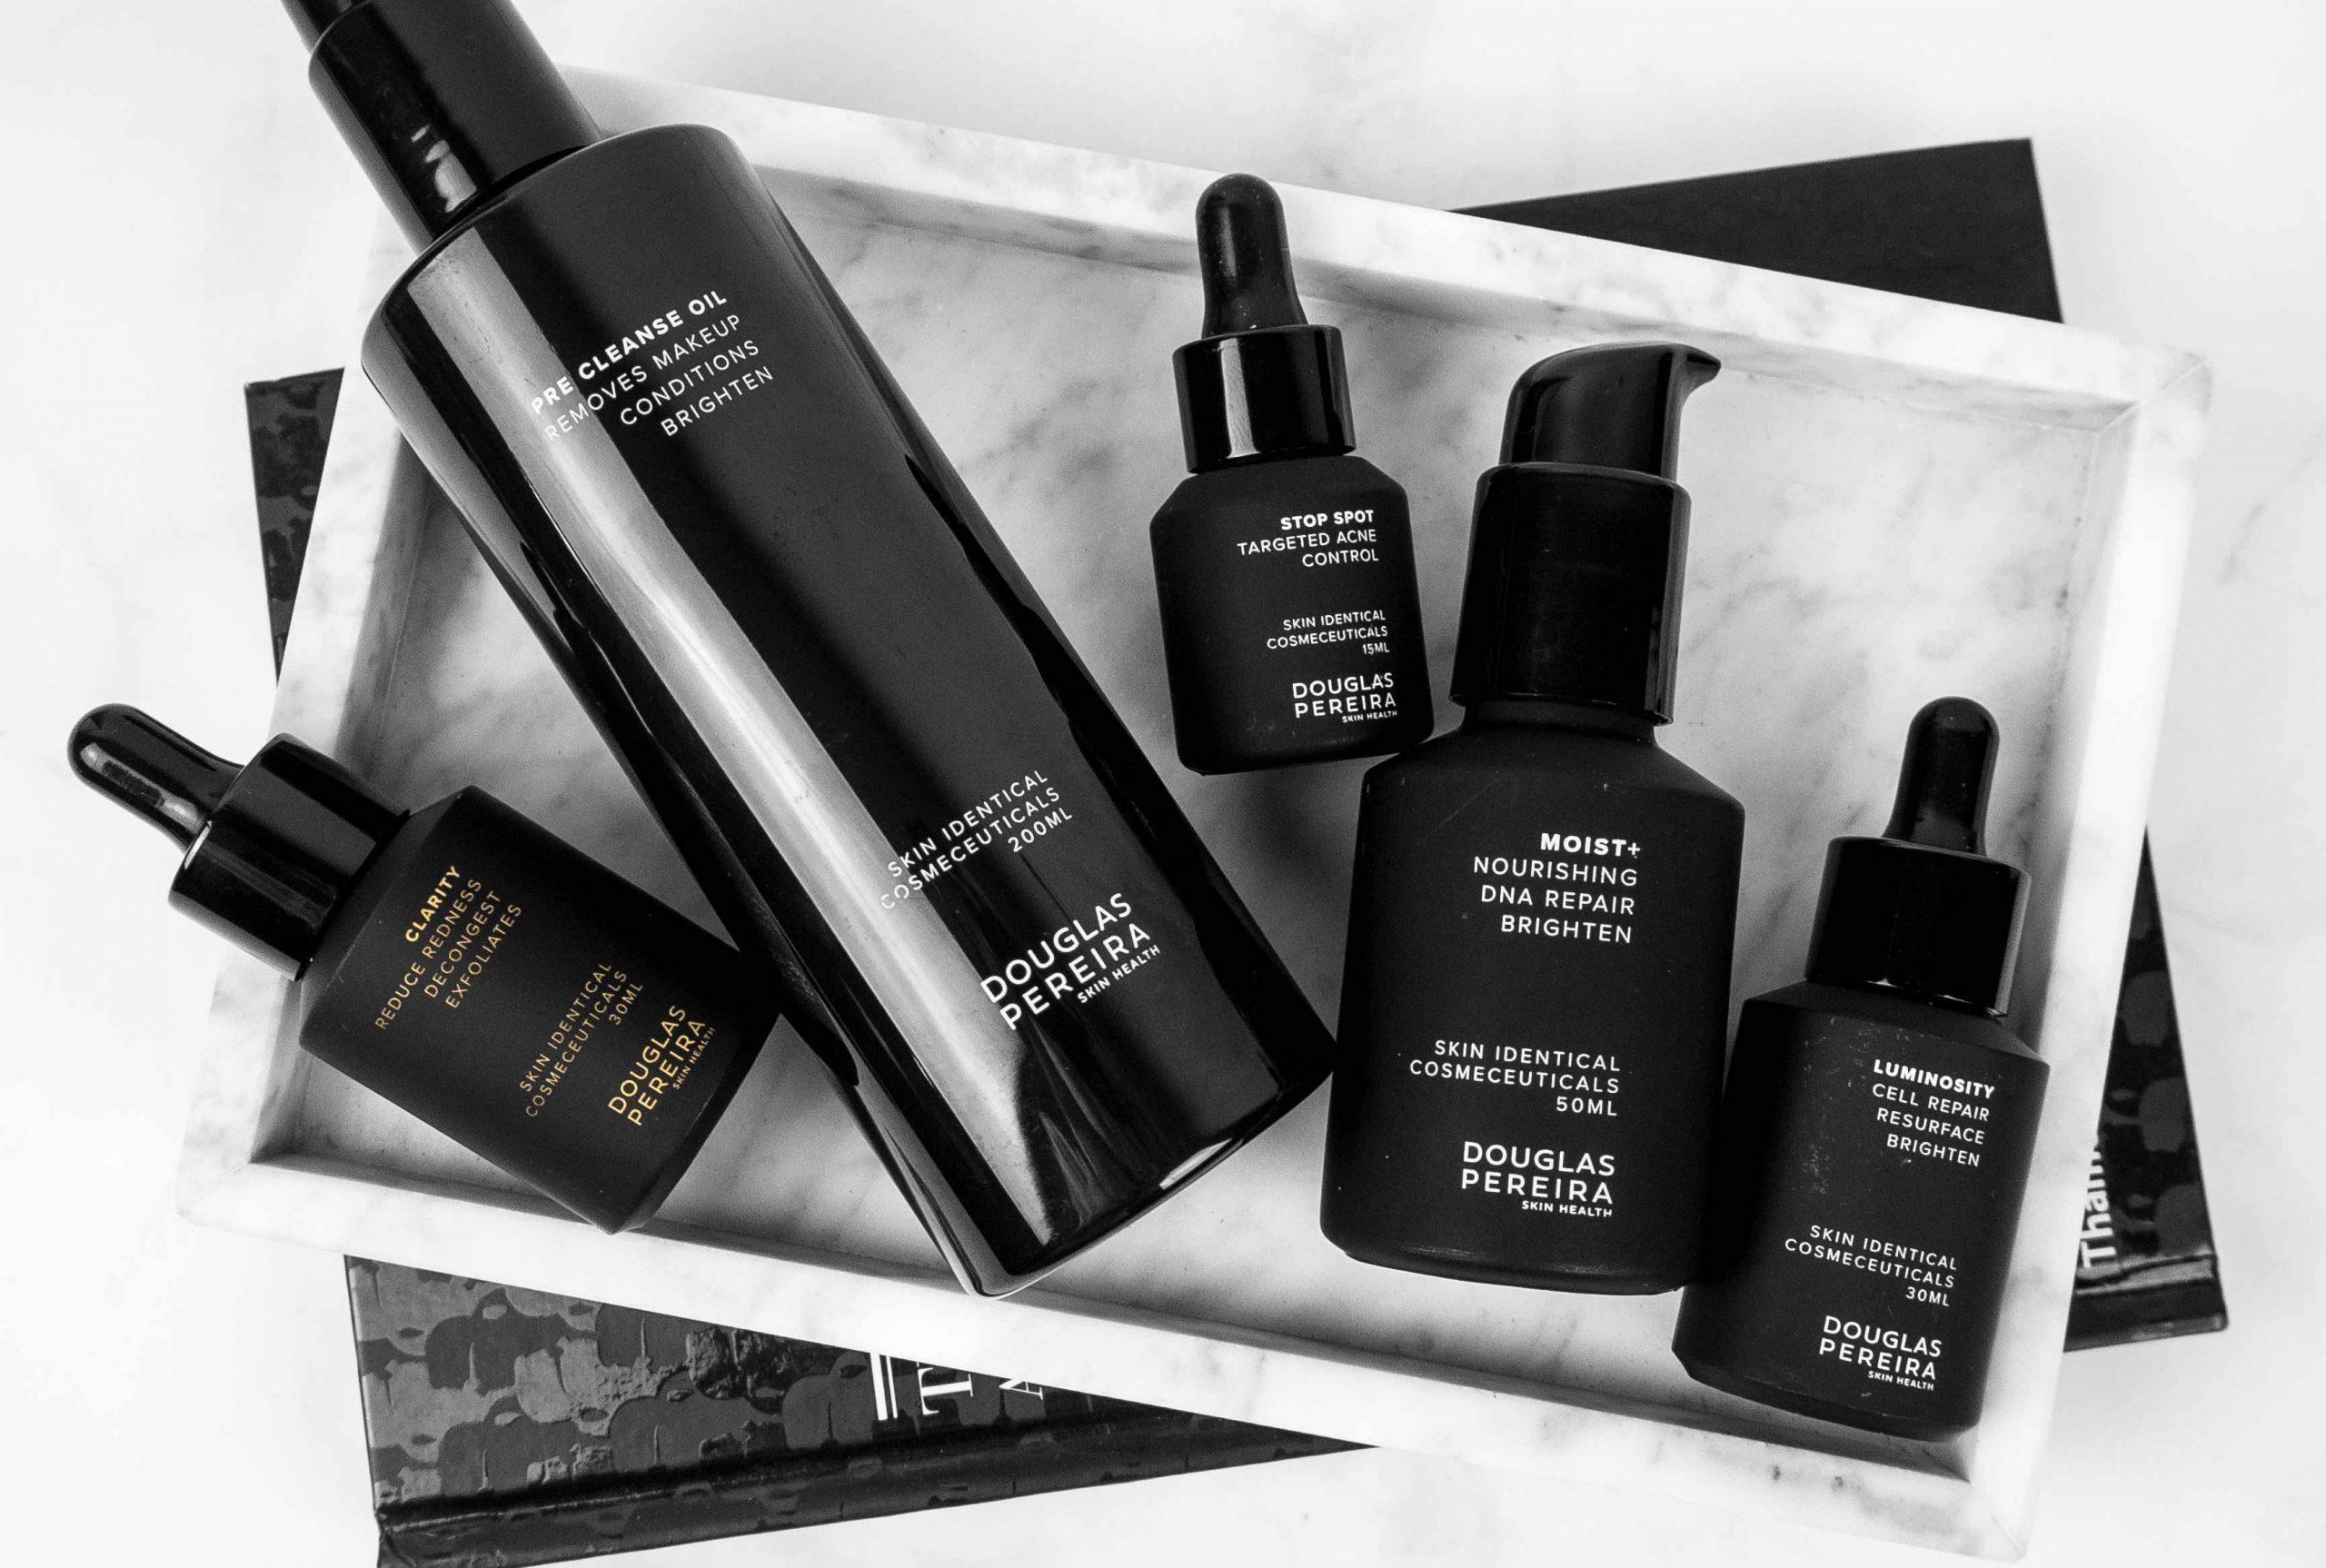 Douglas Pereira's Exclusive Skincare Range Works Miracles